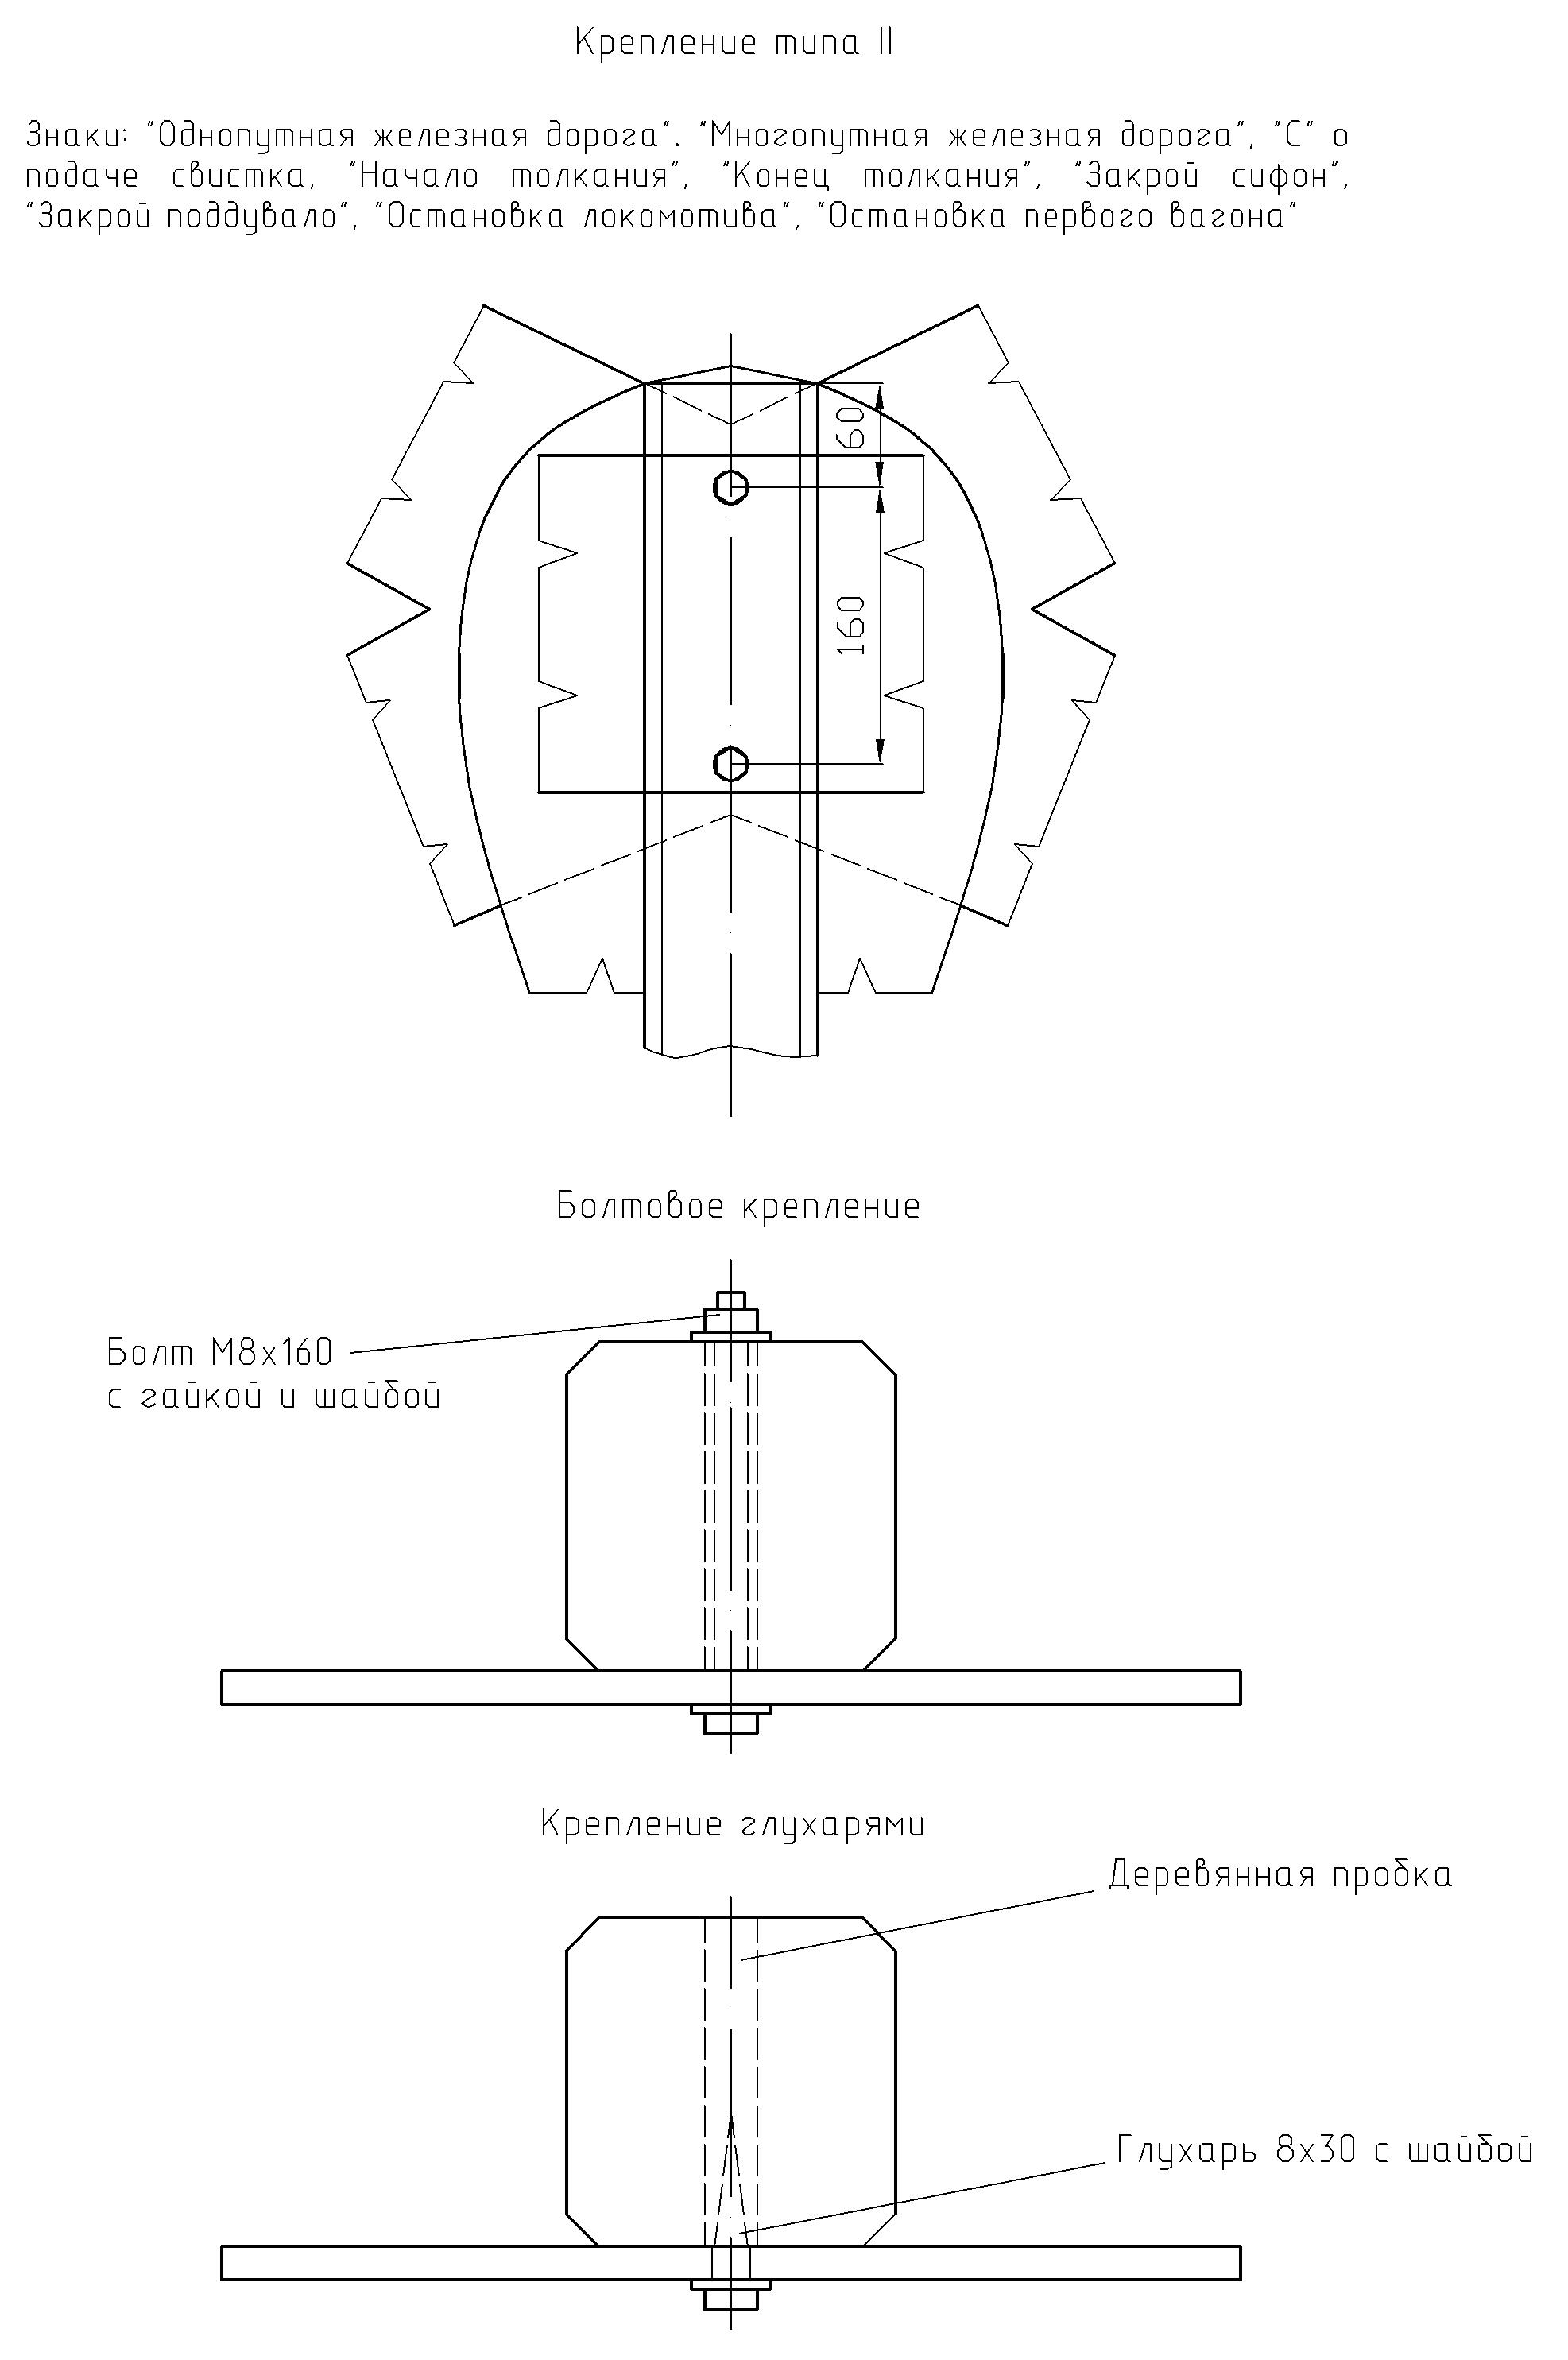 Рисунок 71. Детали крепления путевых и сигнальных знаков на столбах